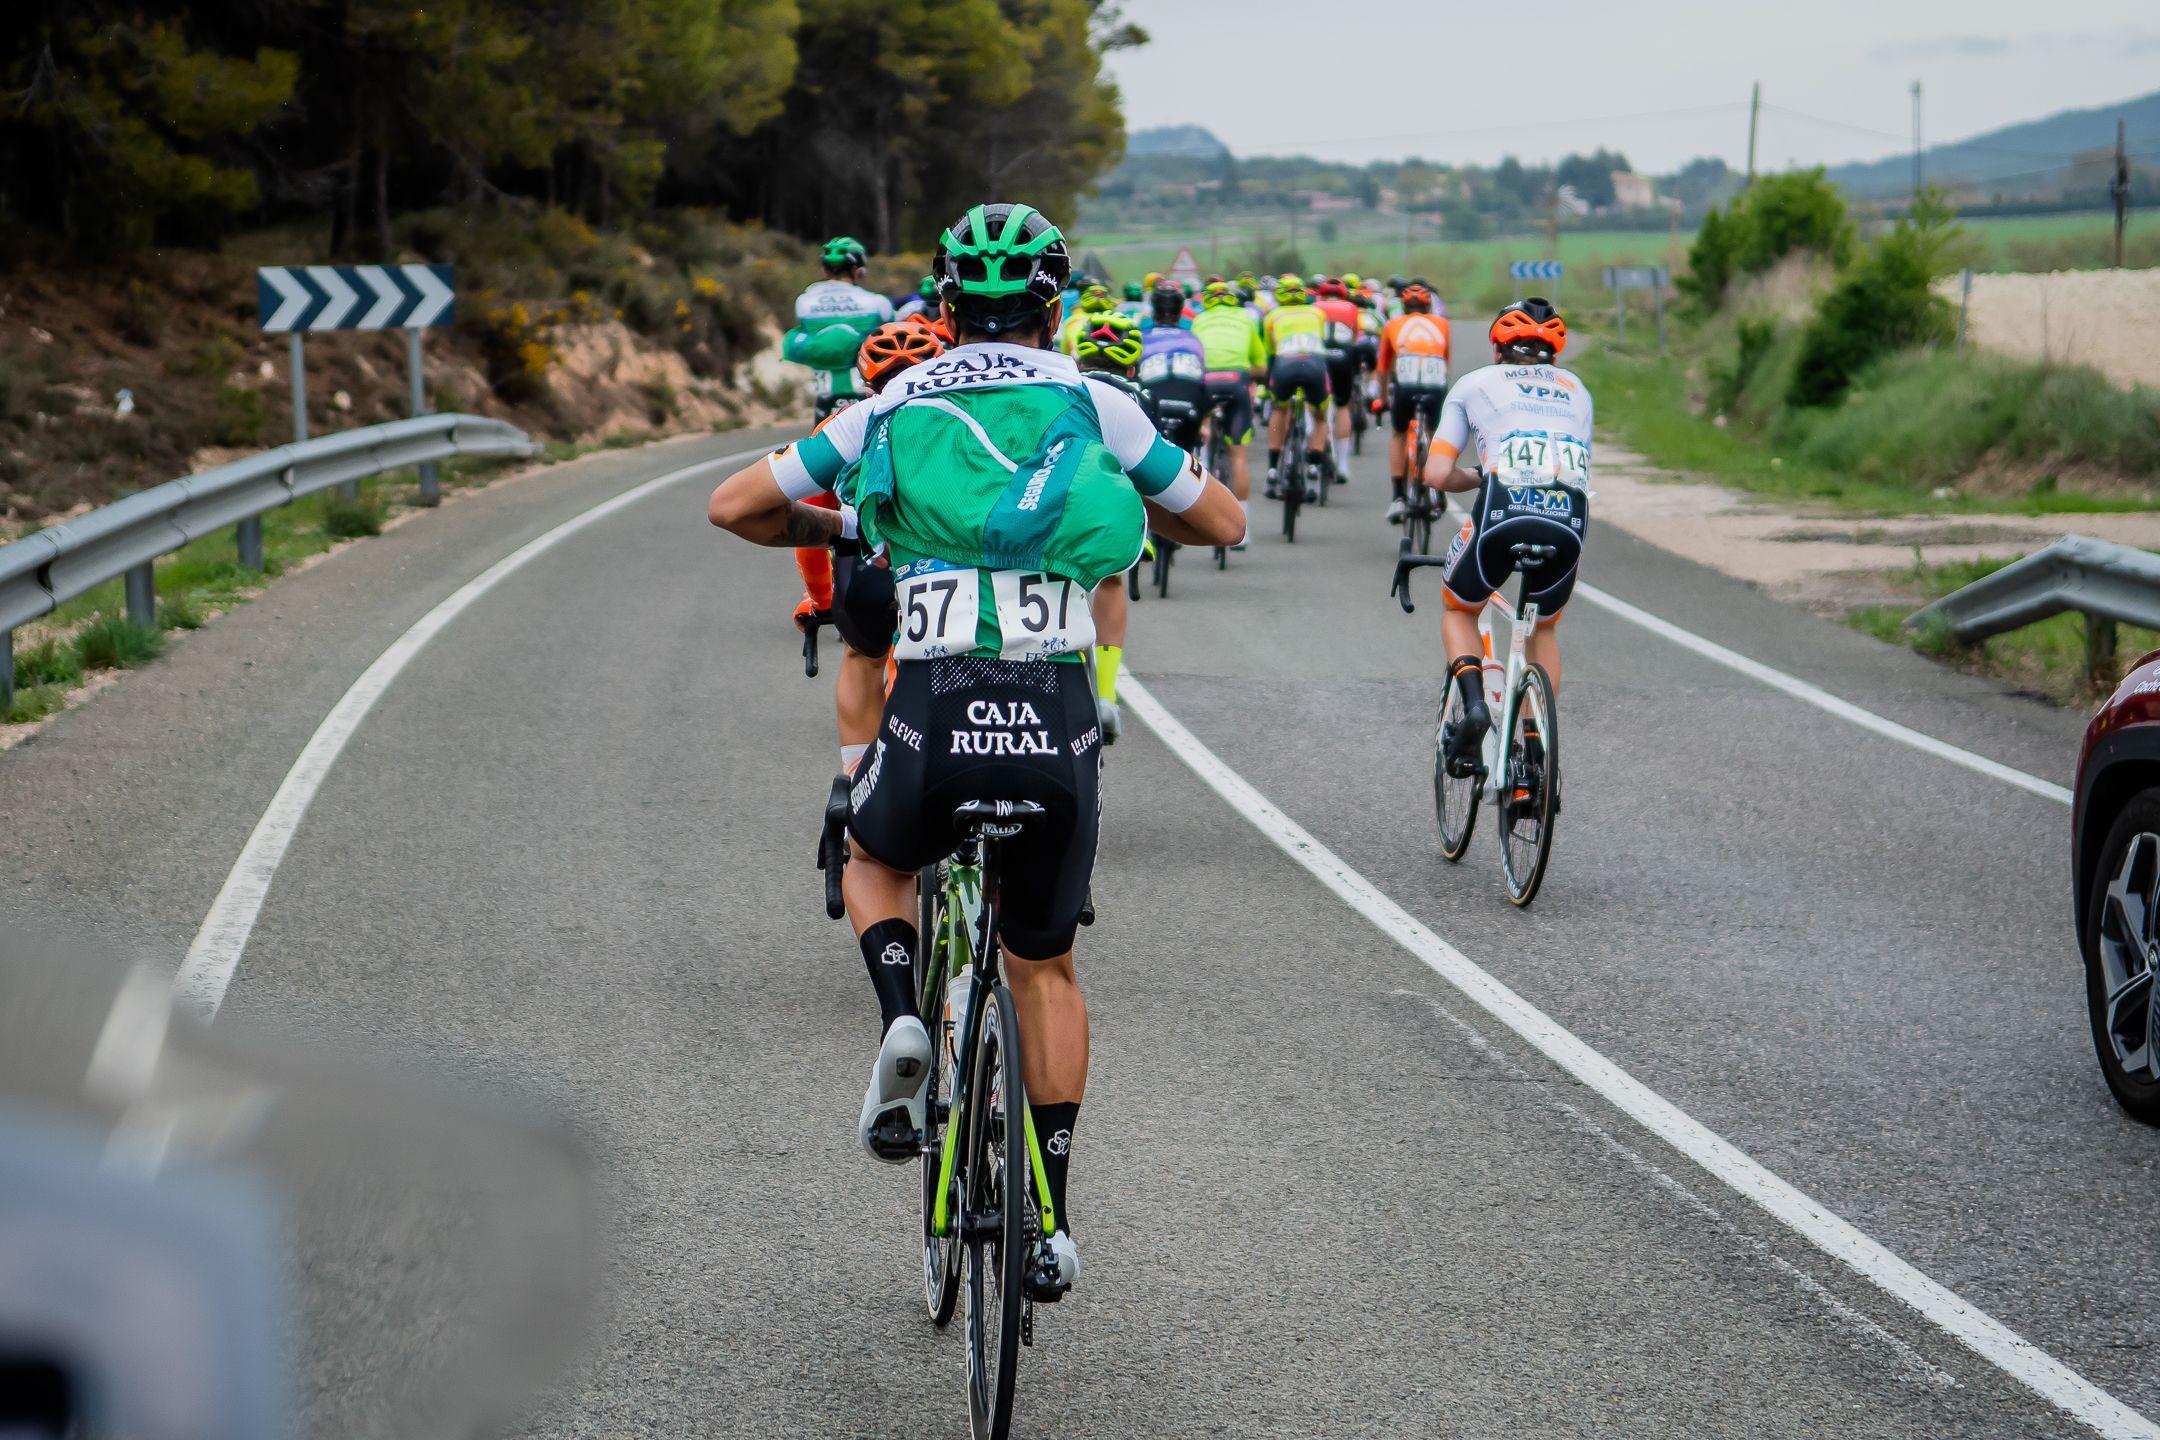 Volta Comunitat Valenciana